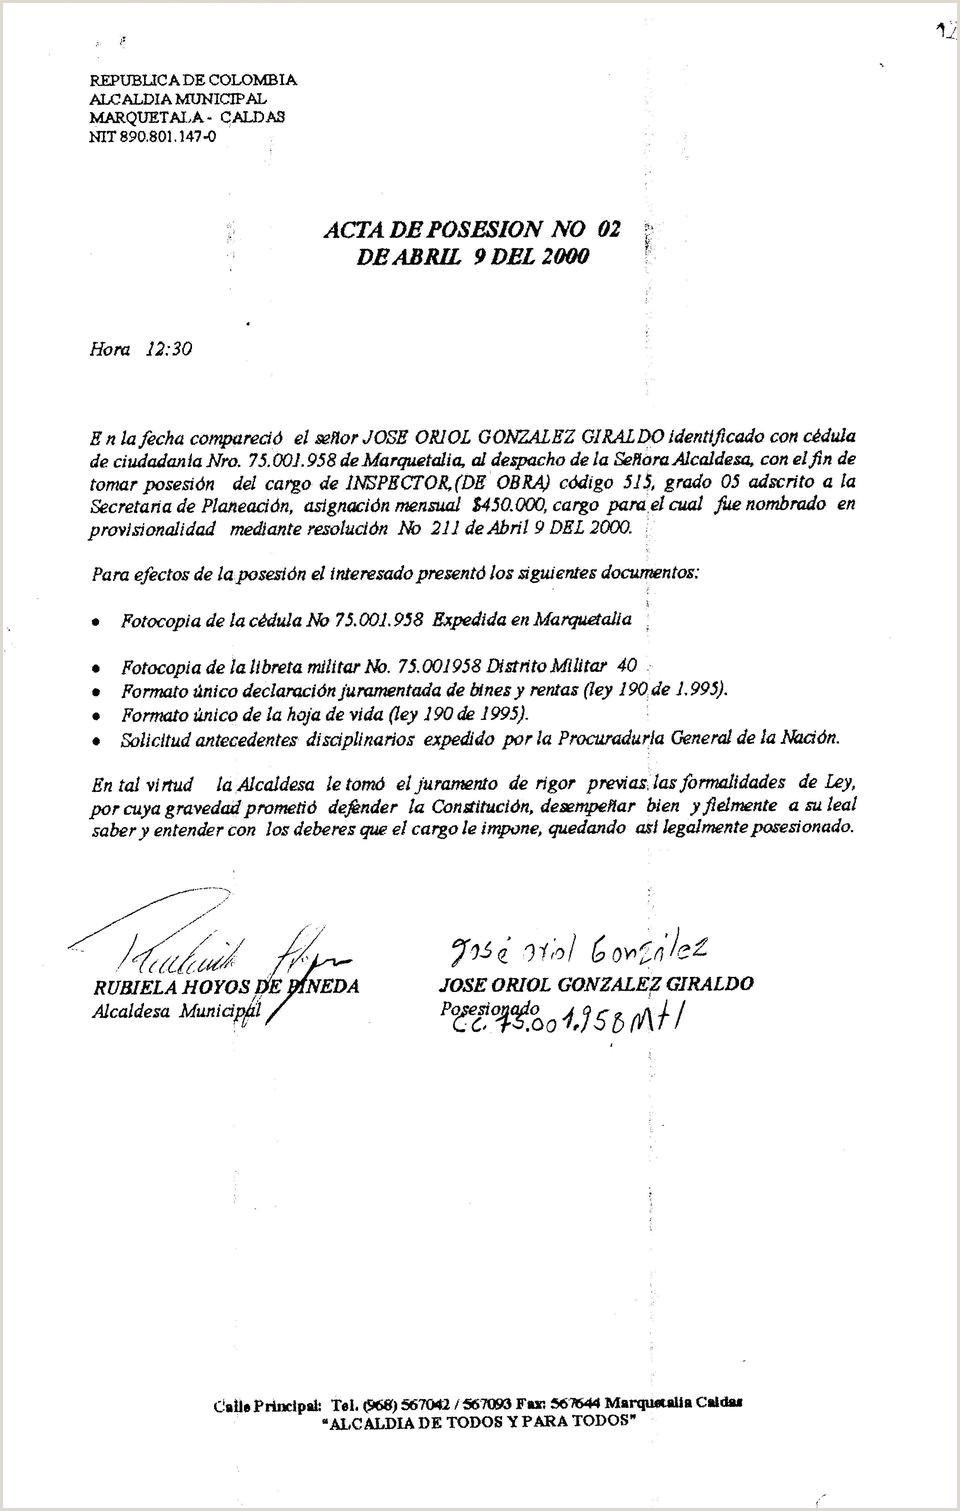 """Hoja De Vida formato Unico Y Declaracion Juramentada De Bienes Y Rentas D L Informaci""""n General Periodo Valuado Dosdo Da Jj[ Jmes"""